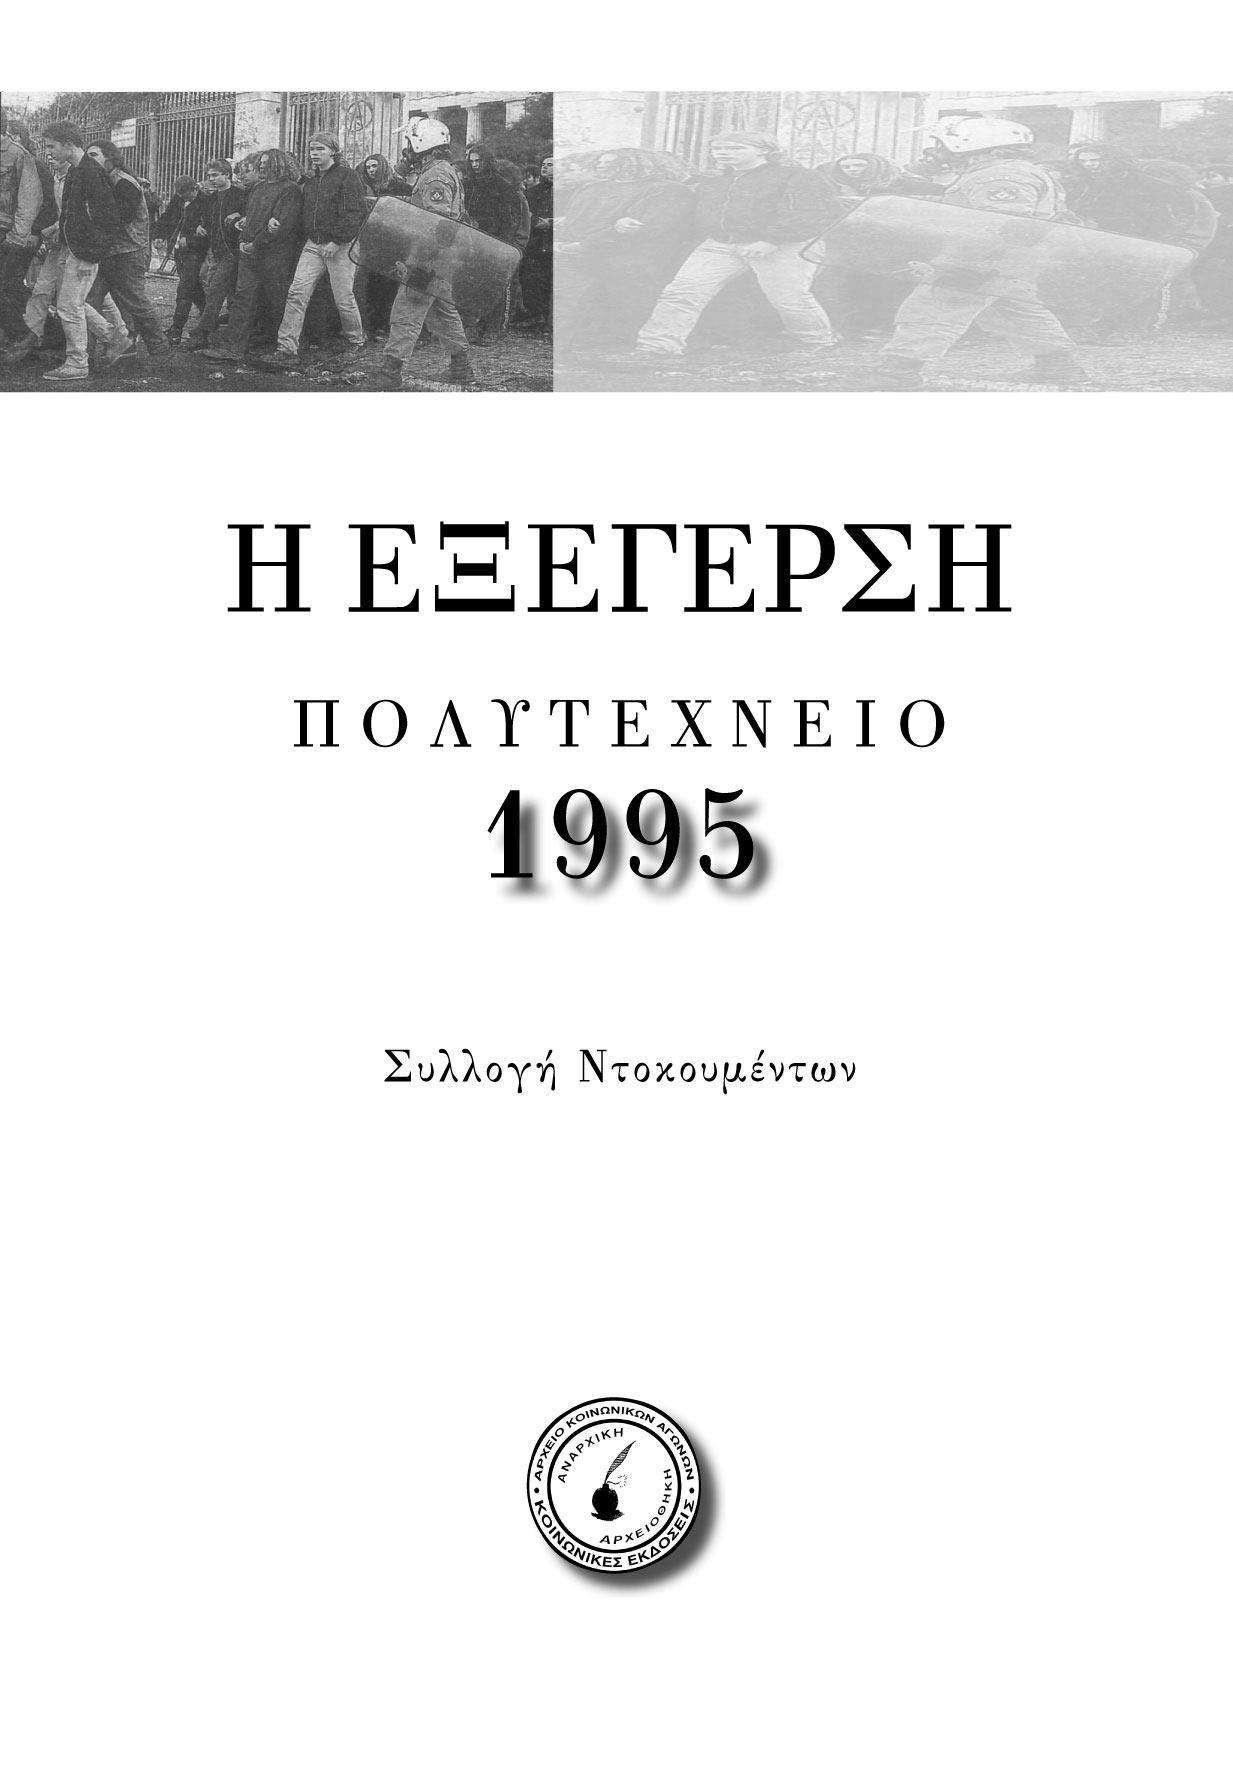 Η ΕΞΕΓΕΡΣΗ, Πολυτεχνείο 1995